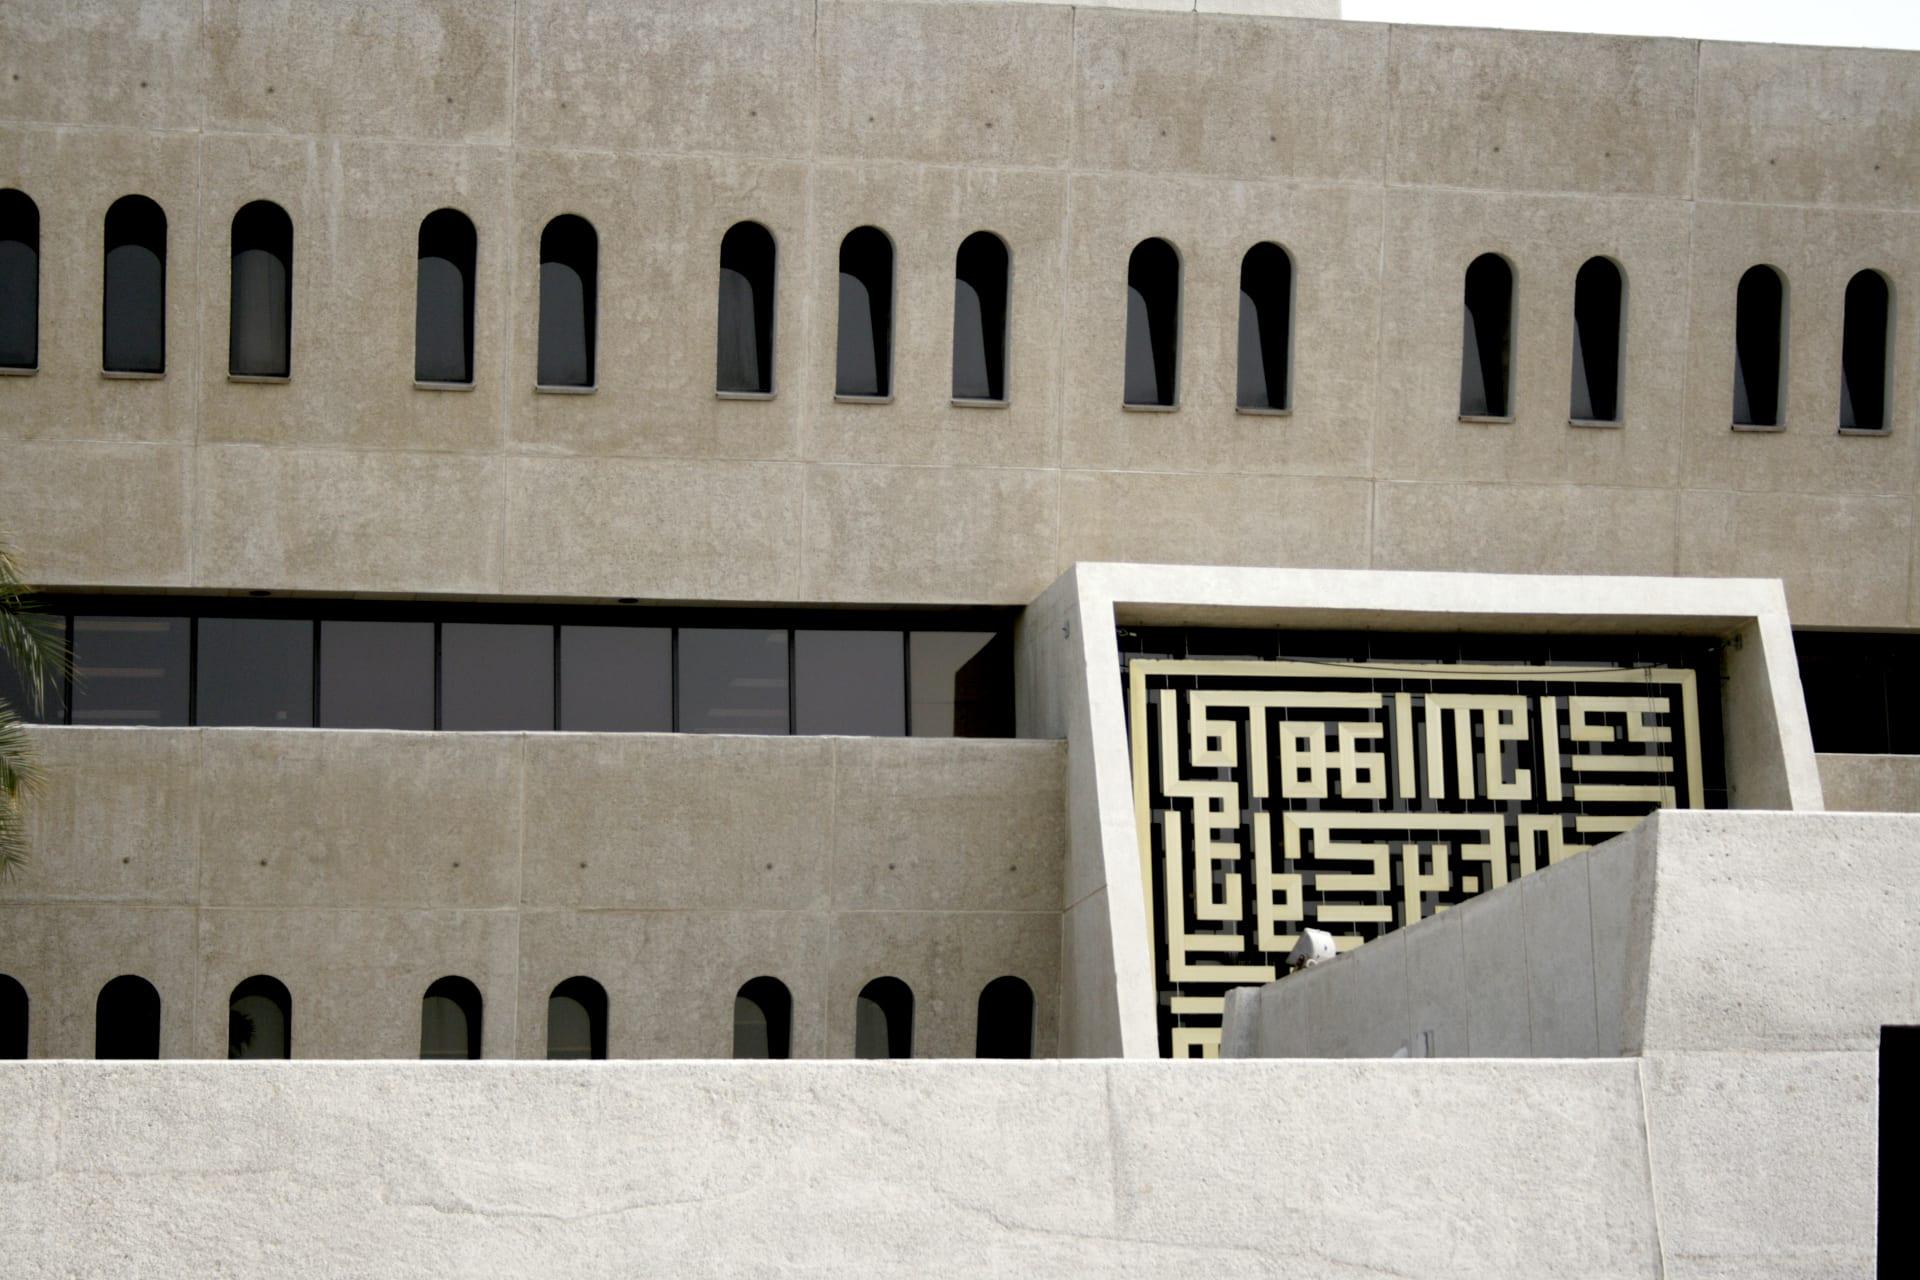 في قلب دبي القديمة.. جواهر خفيّة قد مررت بجانبها من دون أن تلاحظ